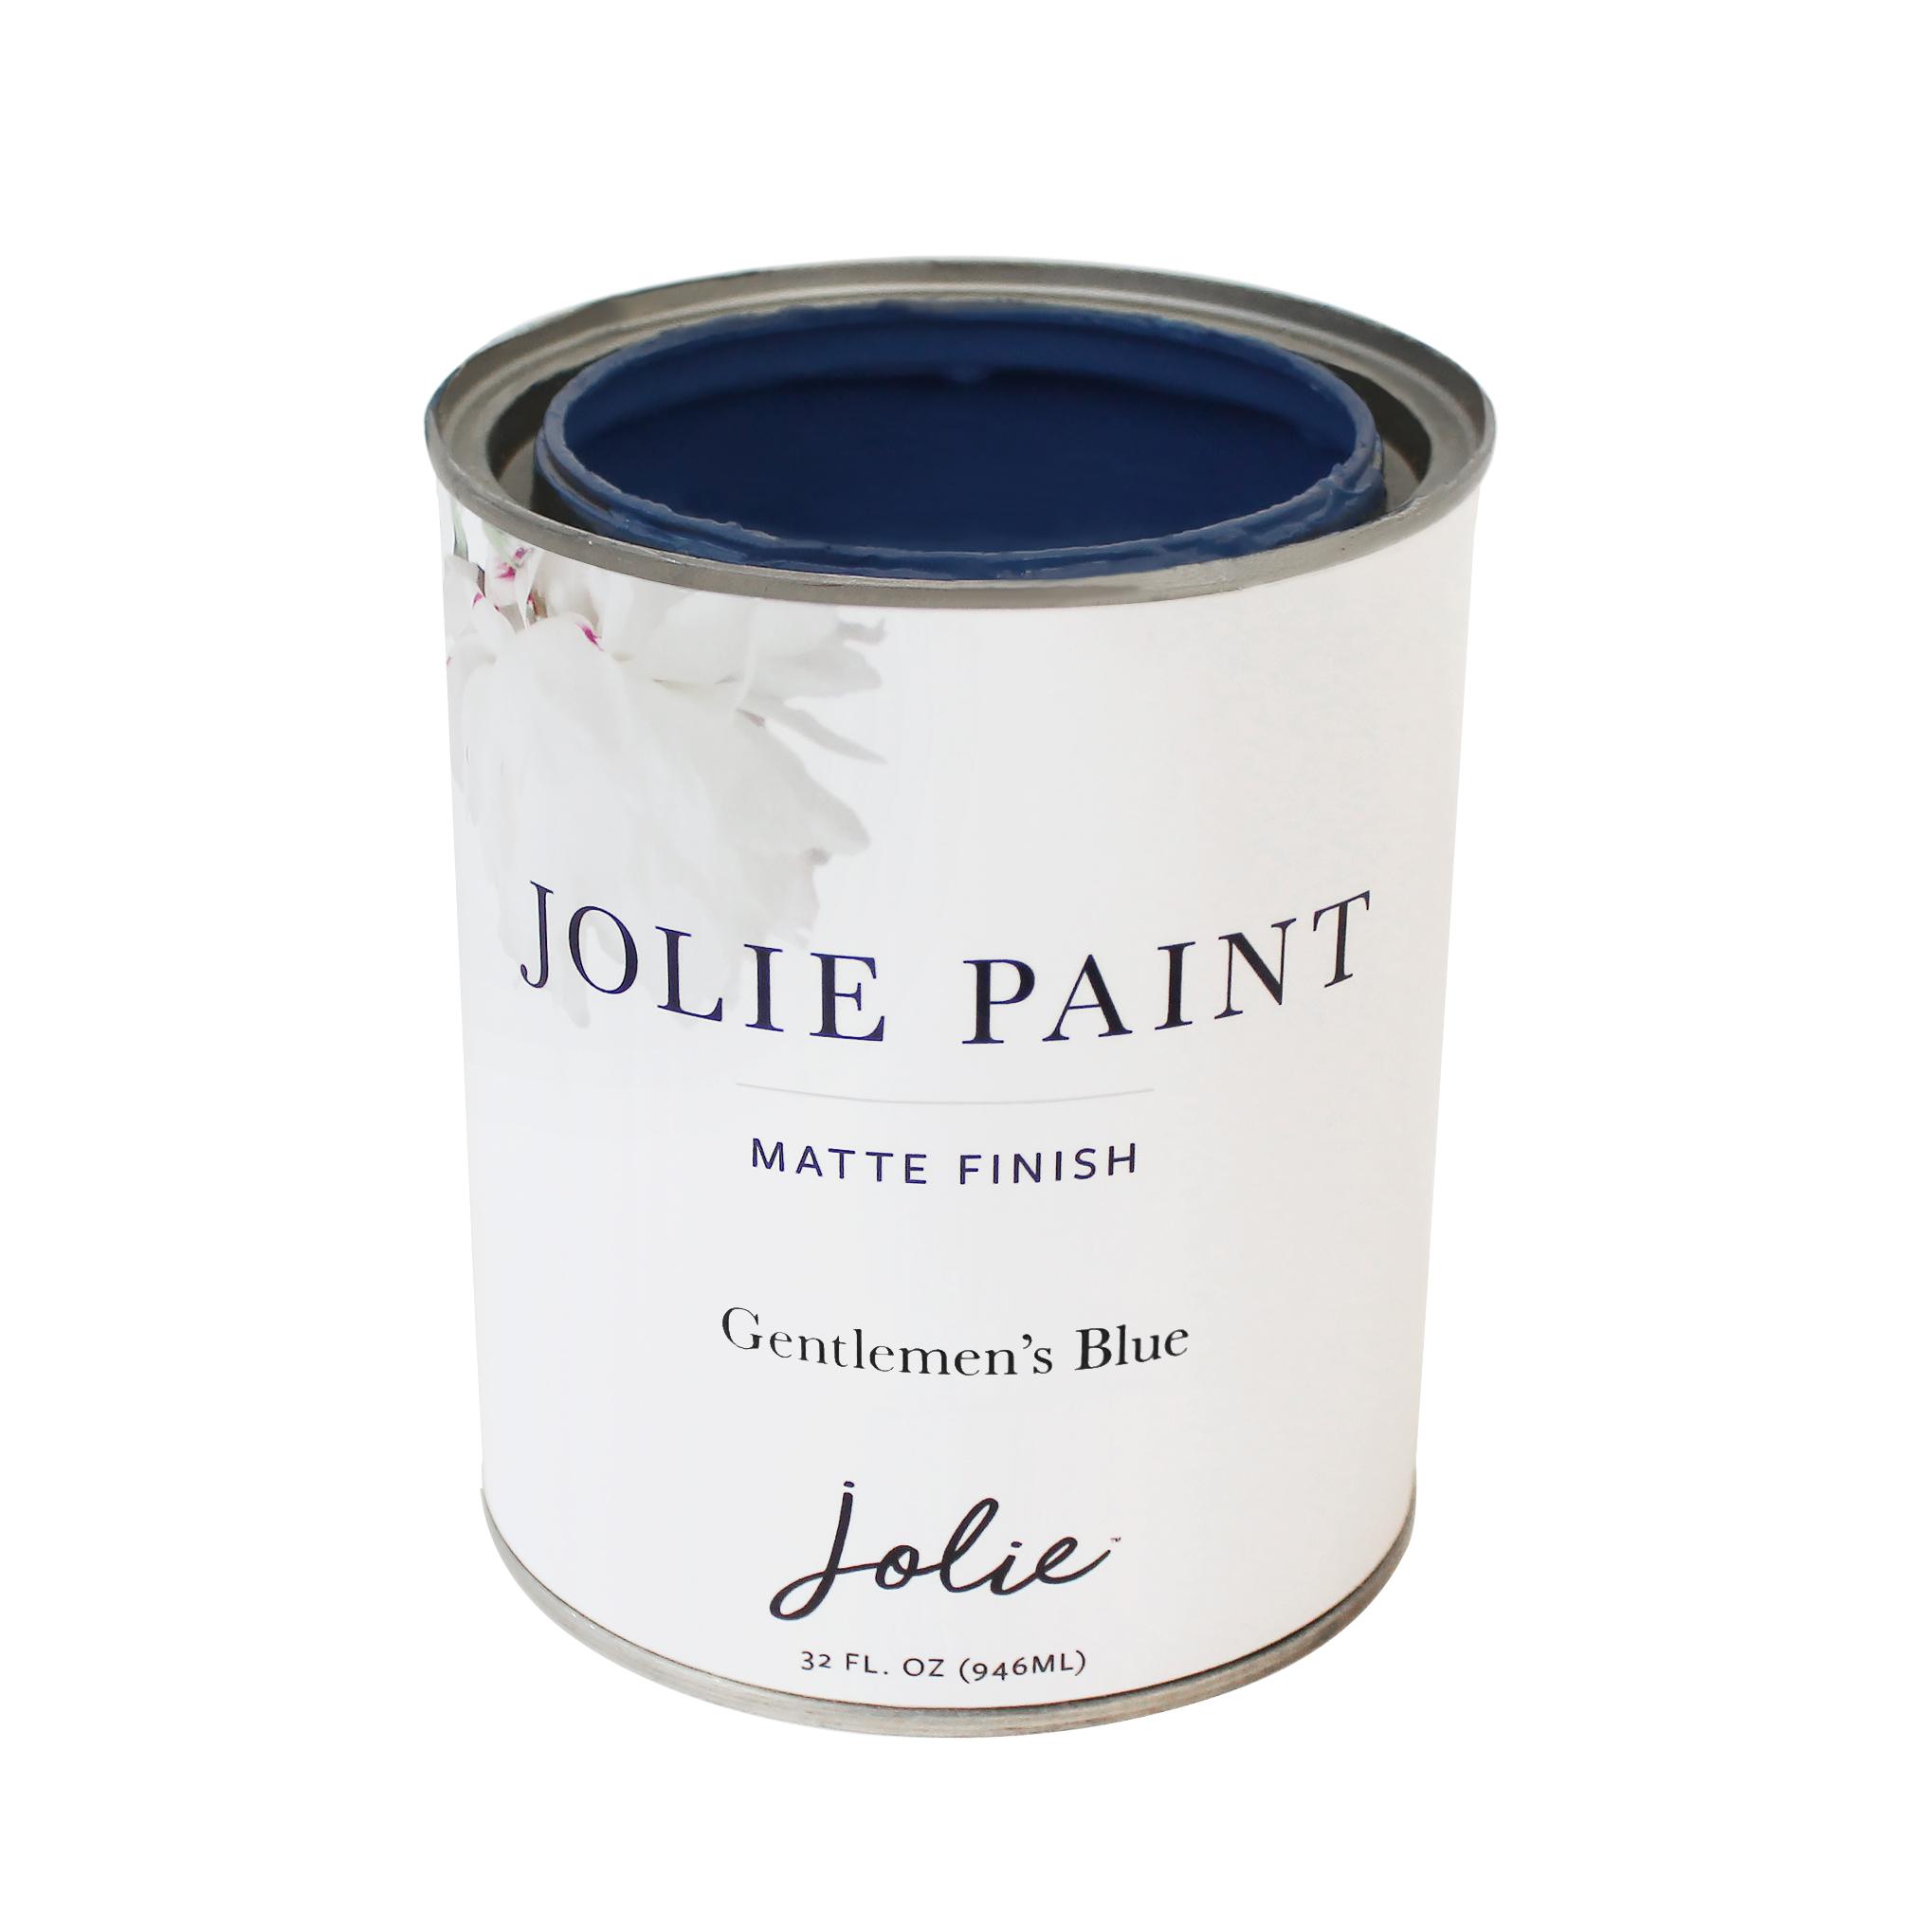 Gentleman's Blue - Jolie Paint